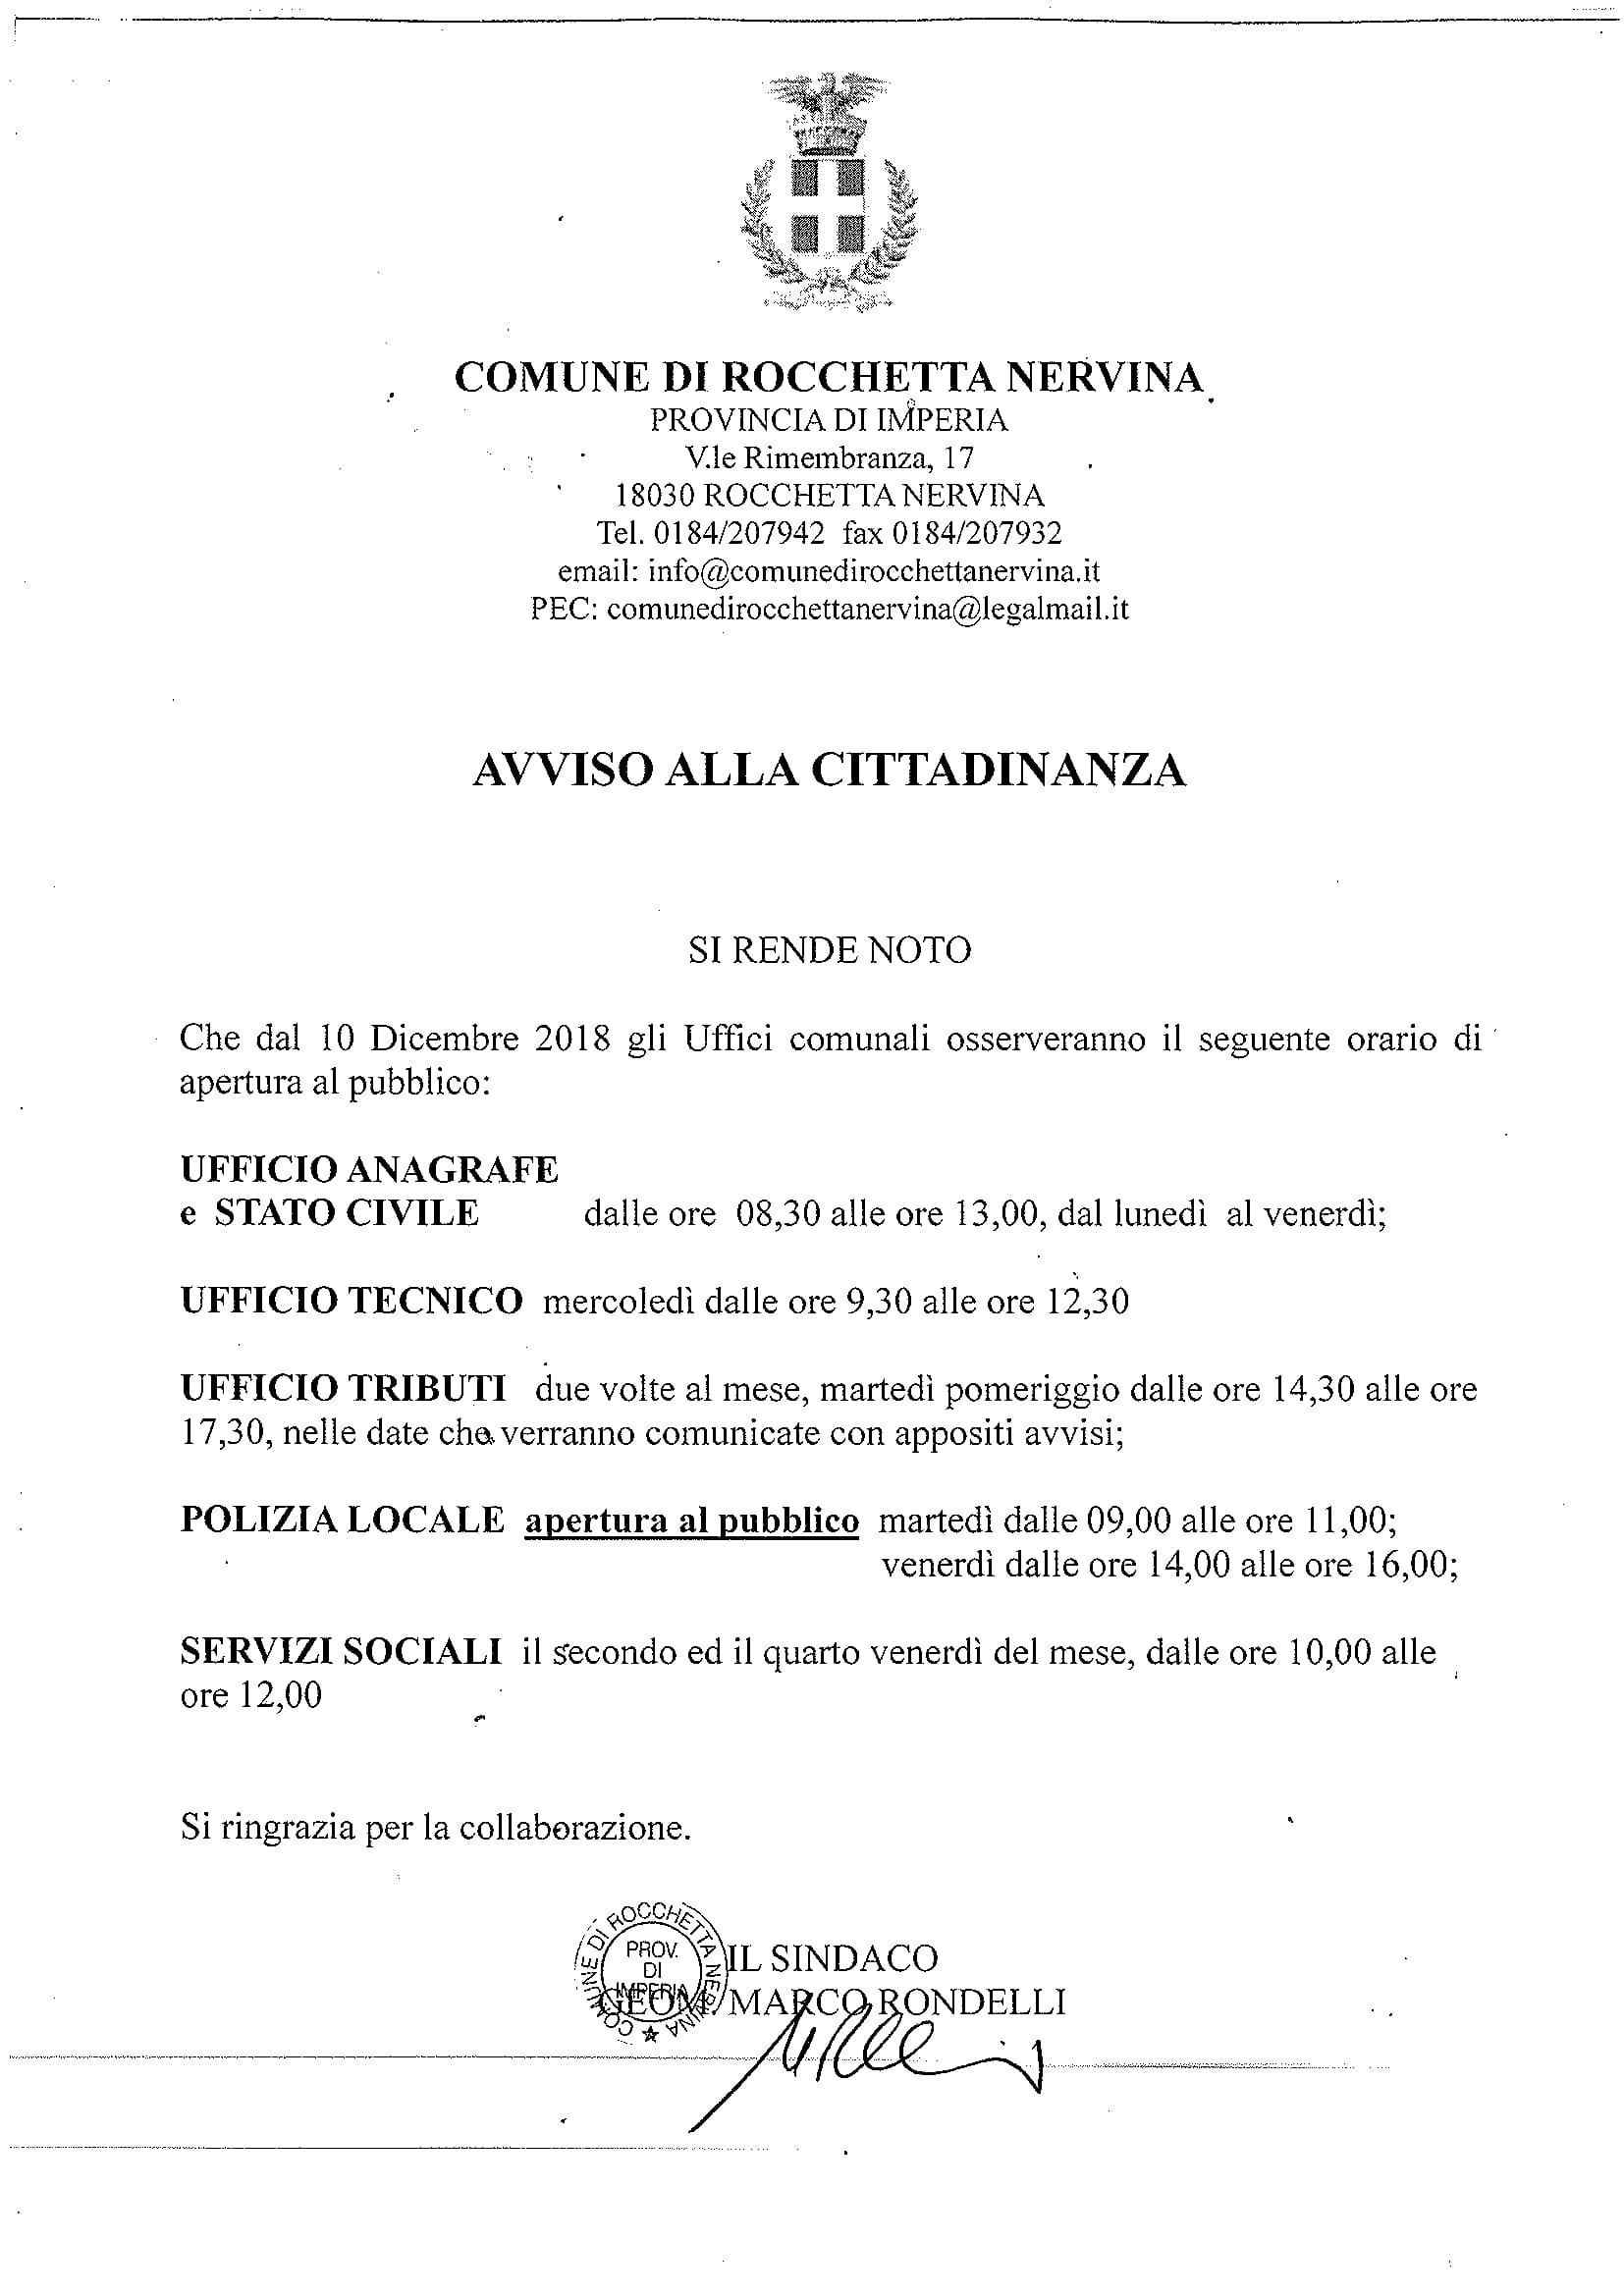 NUOVO ORARIO APERTURA UFFICI COMUNALI-1